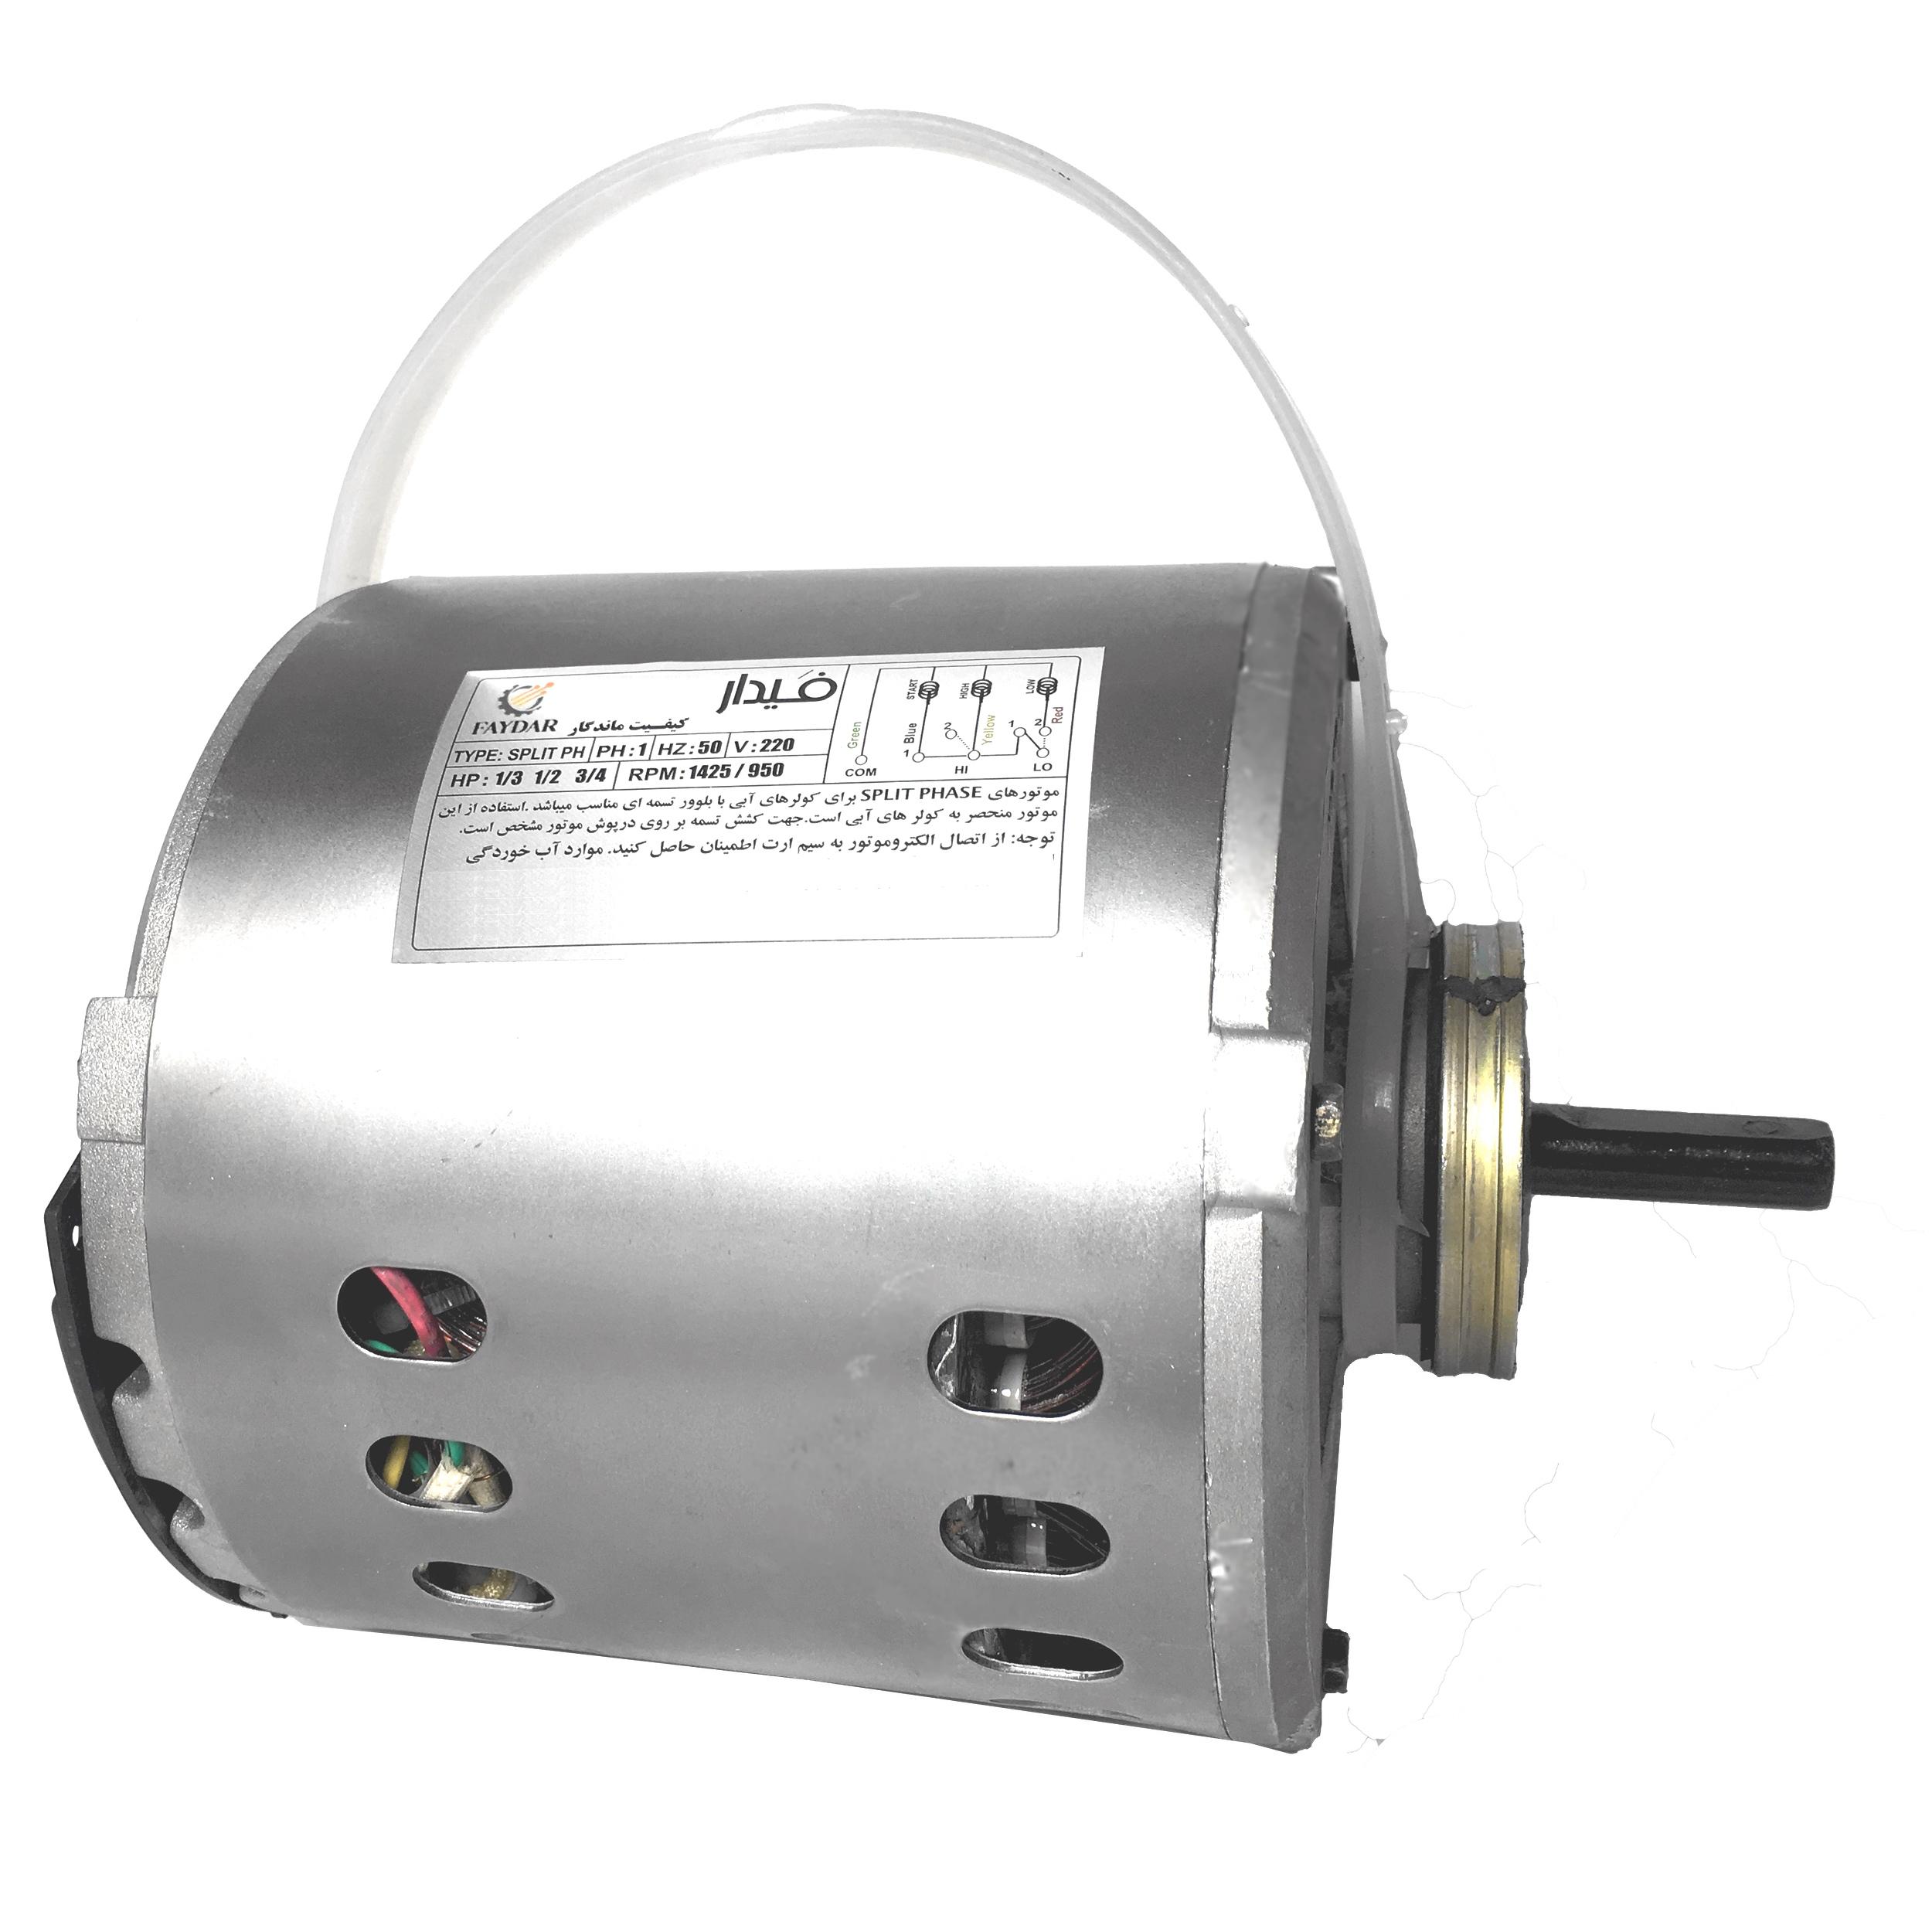 الکترو موتور کولر آبی فیدار مدل 1/2 B